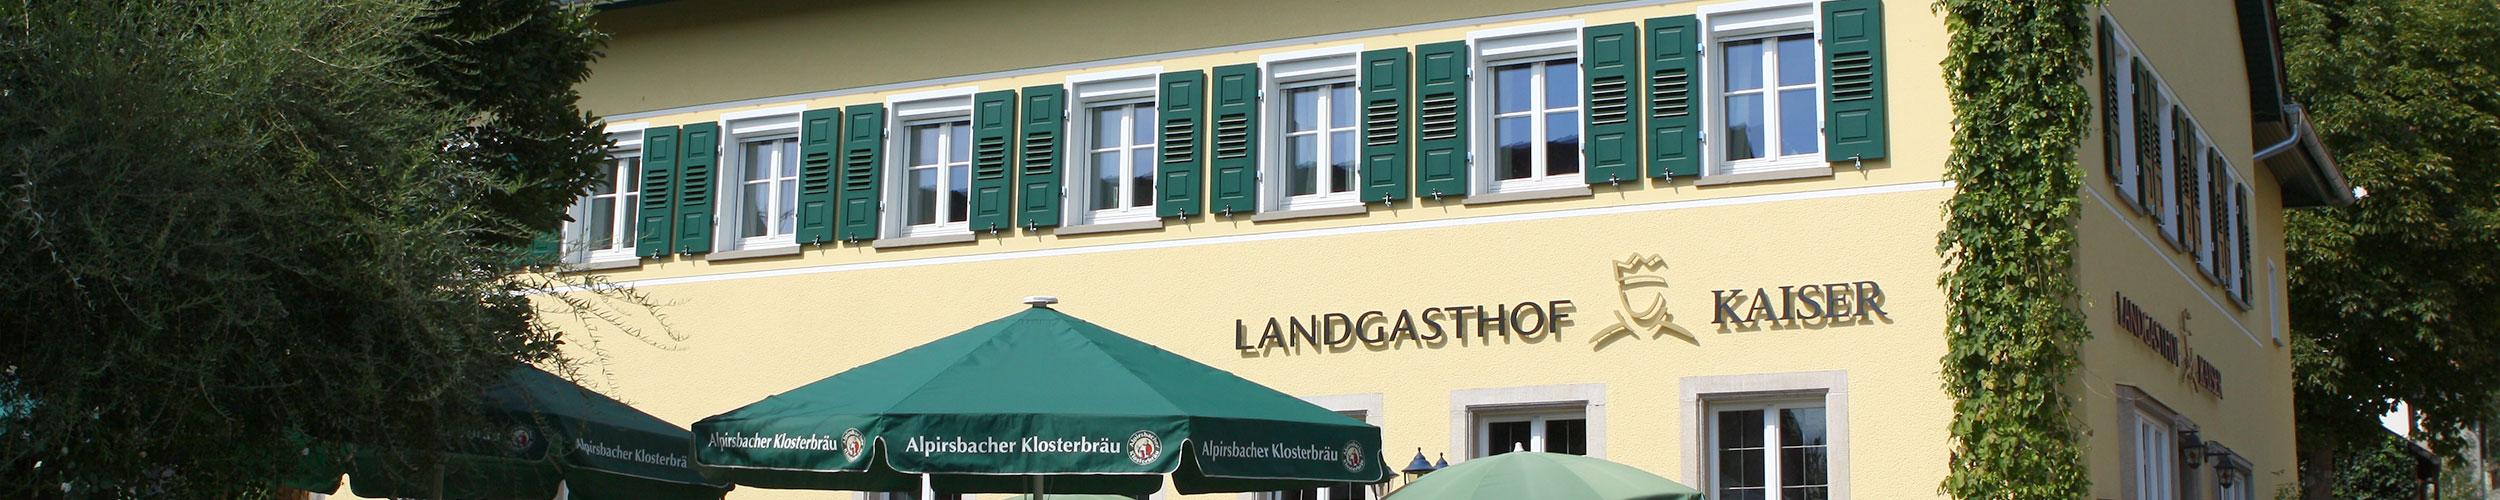 Landgasthof Kaiser Außenansicht